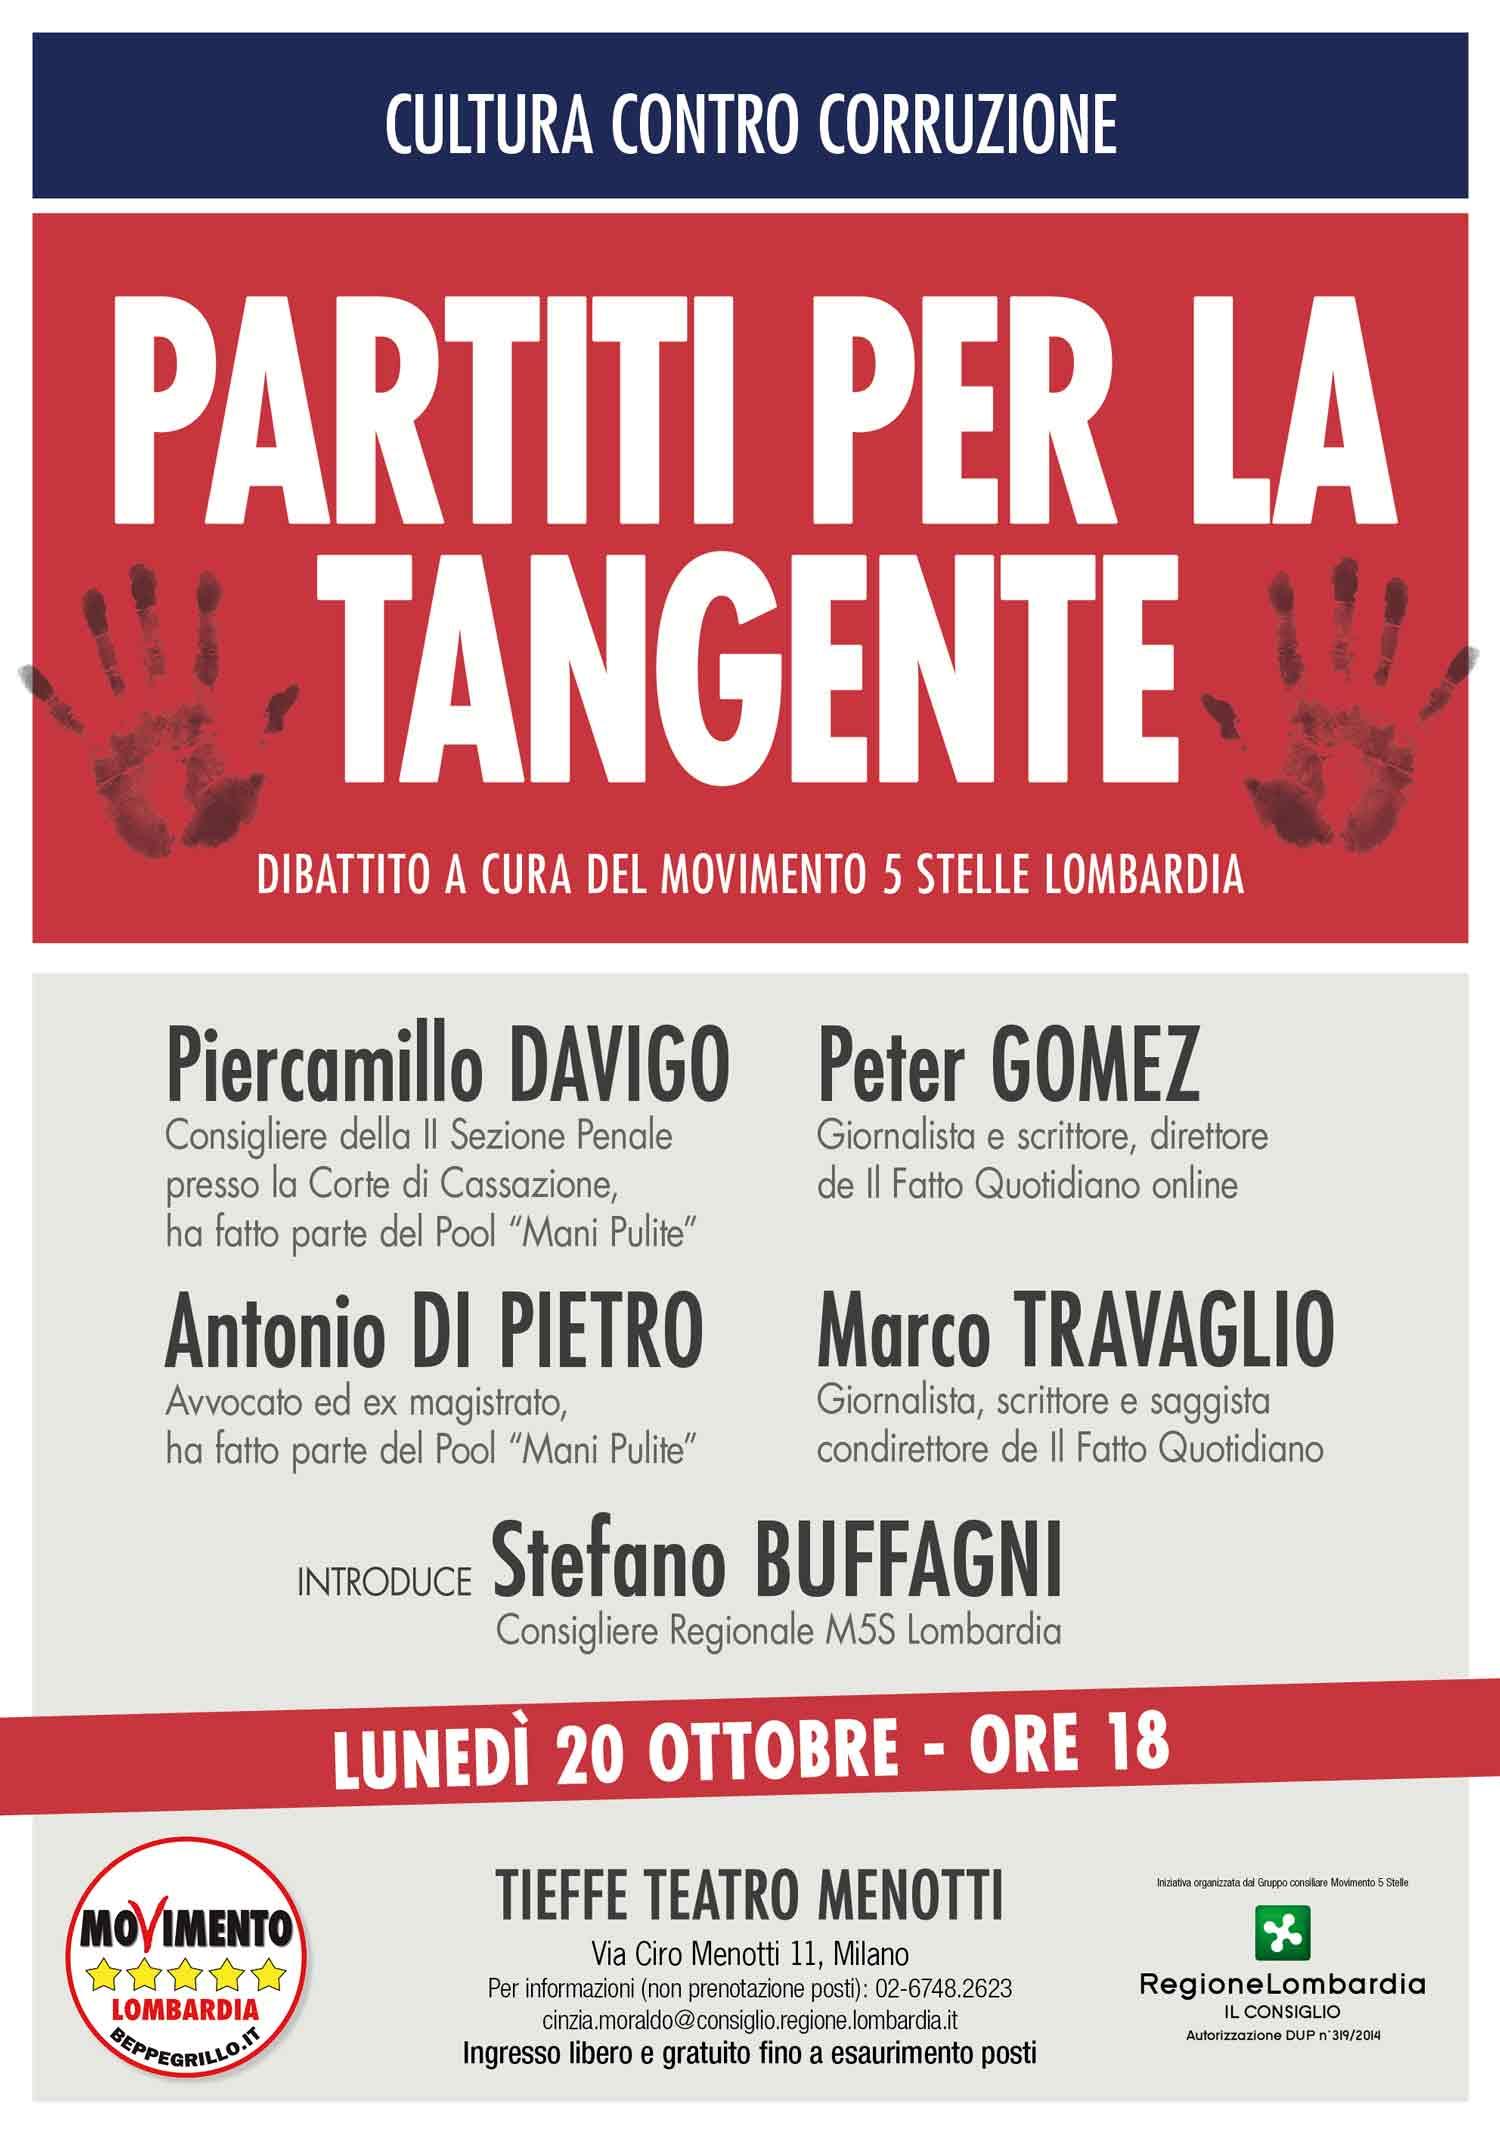 PARTITI PER LA TANGENTE: cultura contro la corruzione al Teatro Menotti